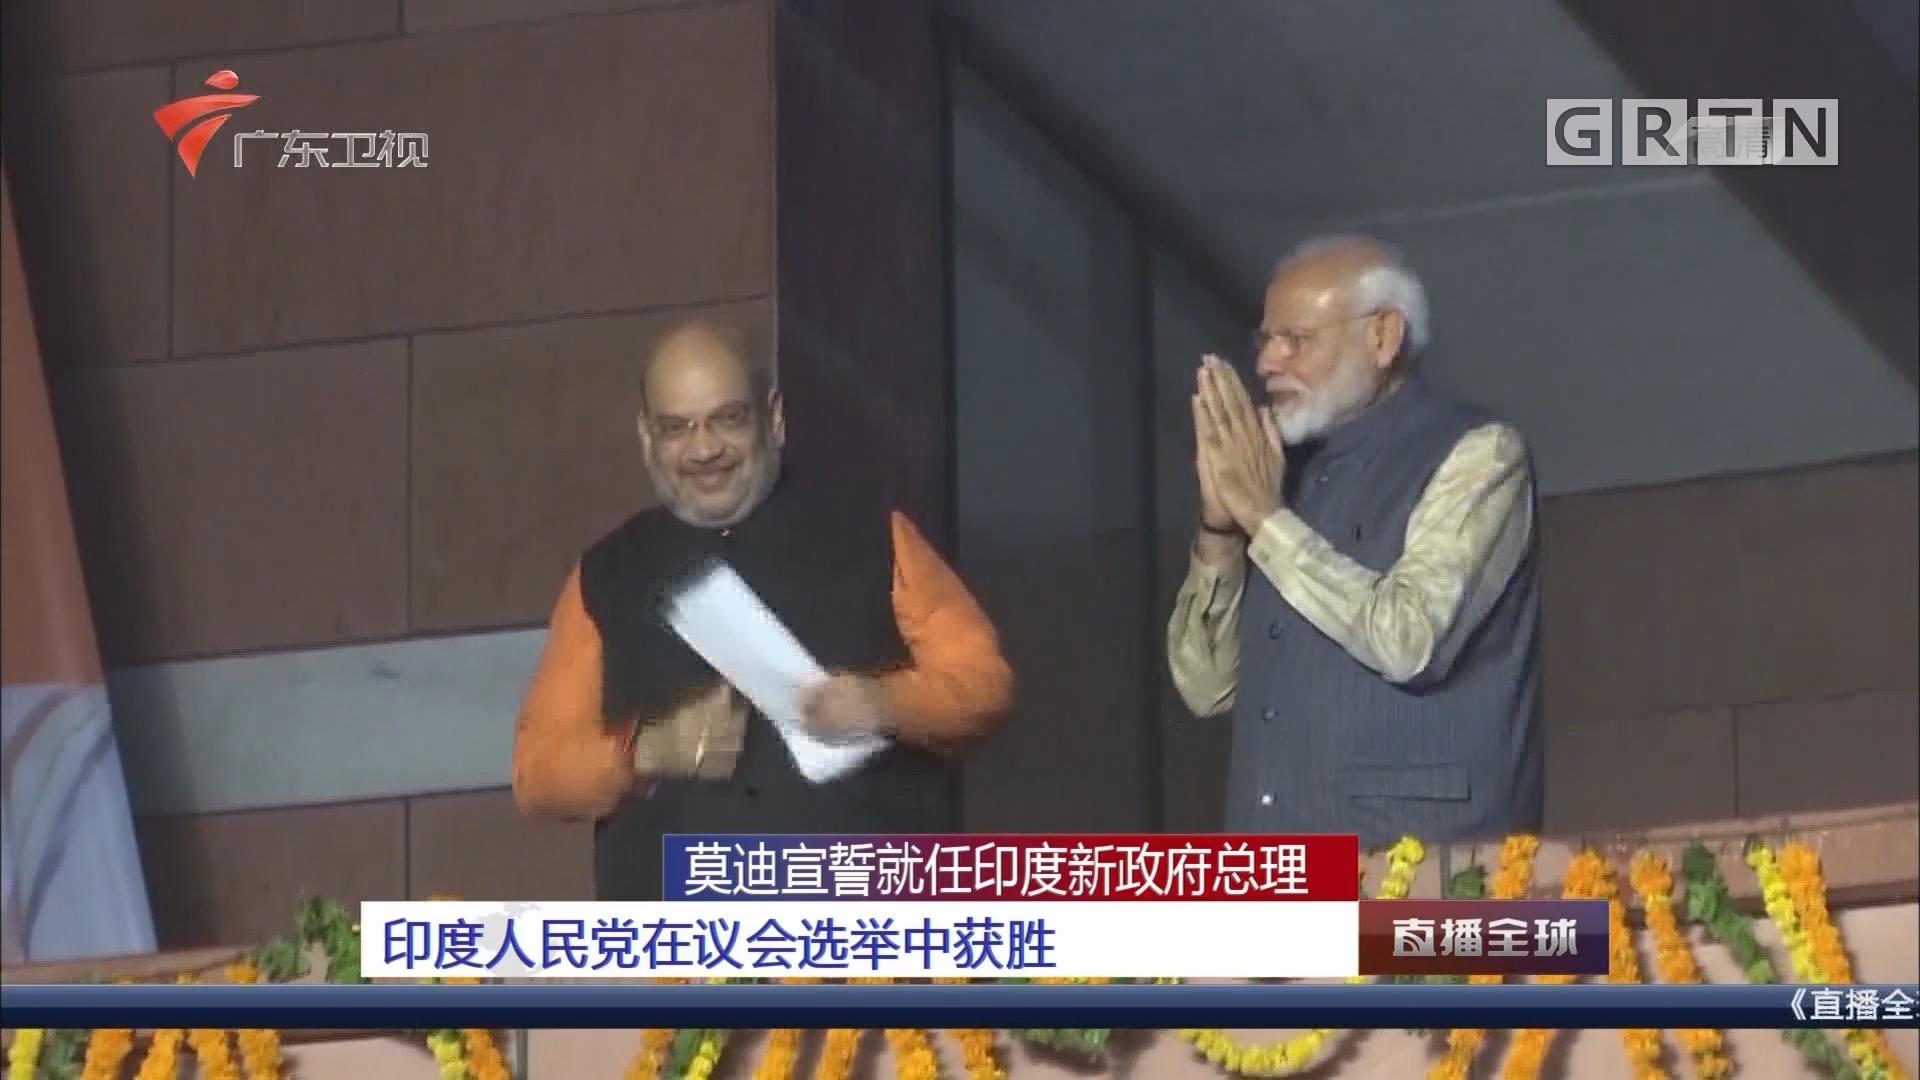 莫迪宣誓就任印度新政府总理:印度新一届联邦政府内阁名单当天公布